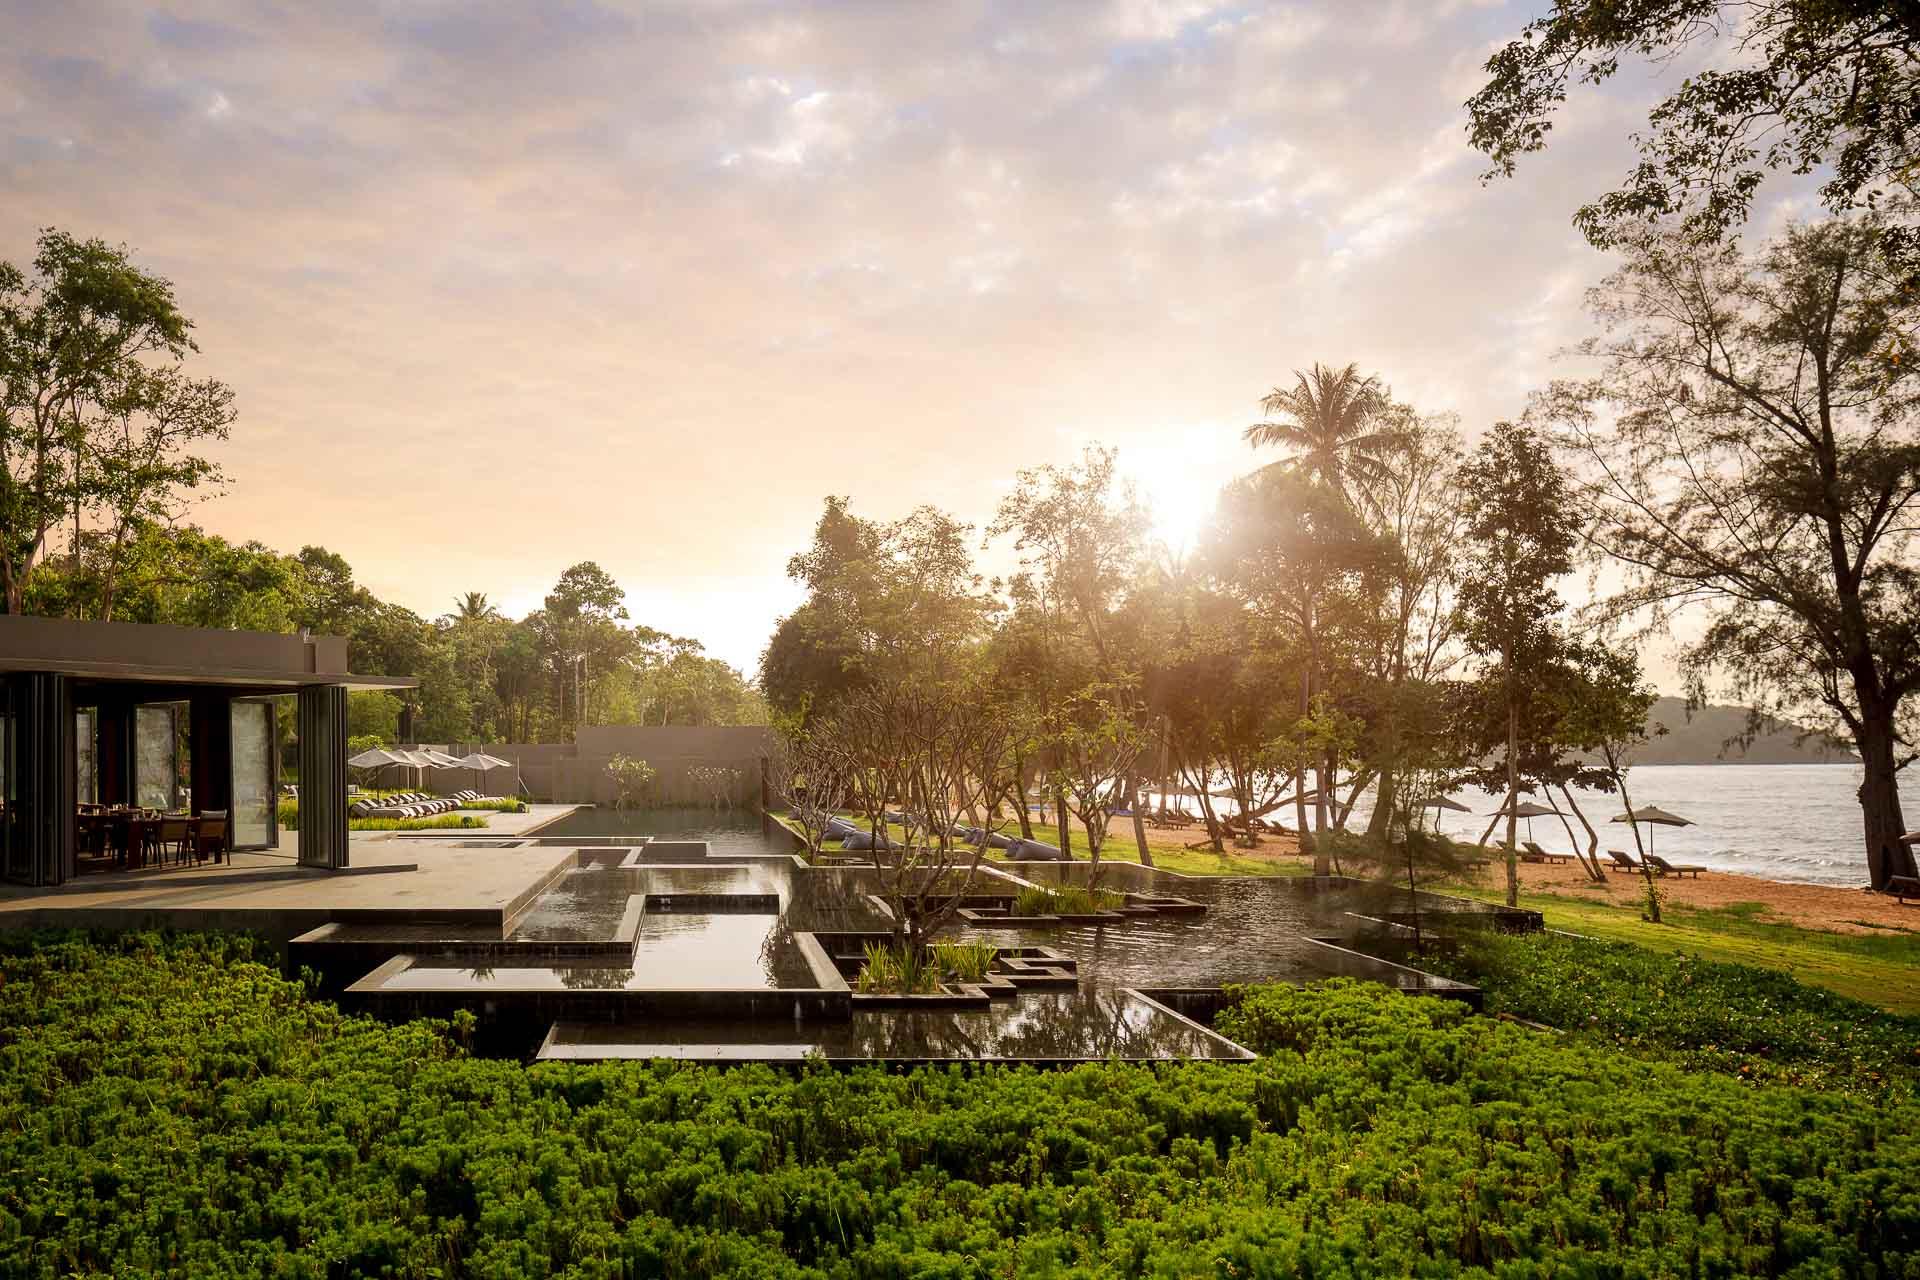 Pionnier parmi les hôtels de luxe internationaux sur la côte cambodgienne, le Alila Villas Koh Russey a tout pour réussir : un design contemporain spectaculaire, un service personnalisé et des expériences authentiques. Visite guidée.